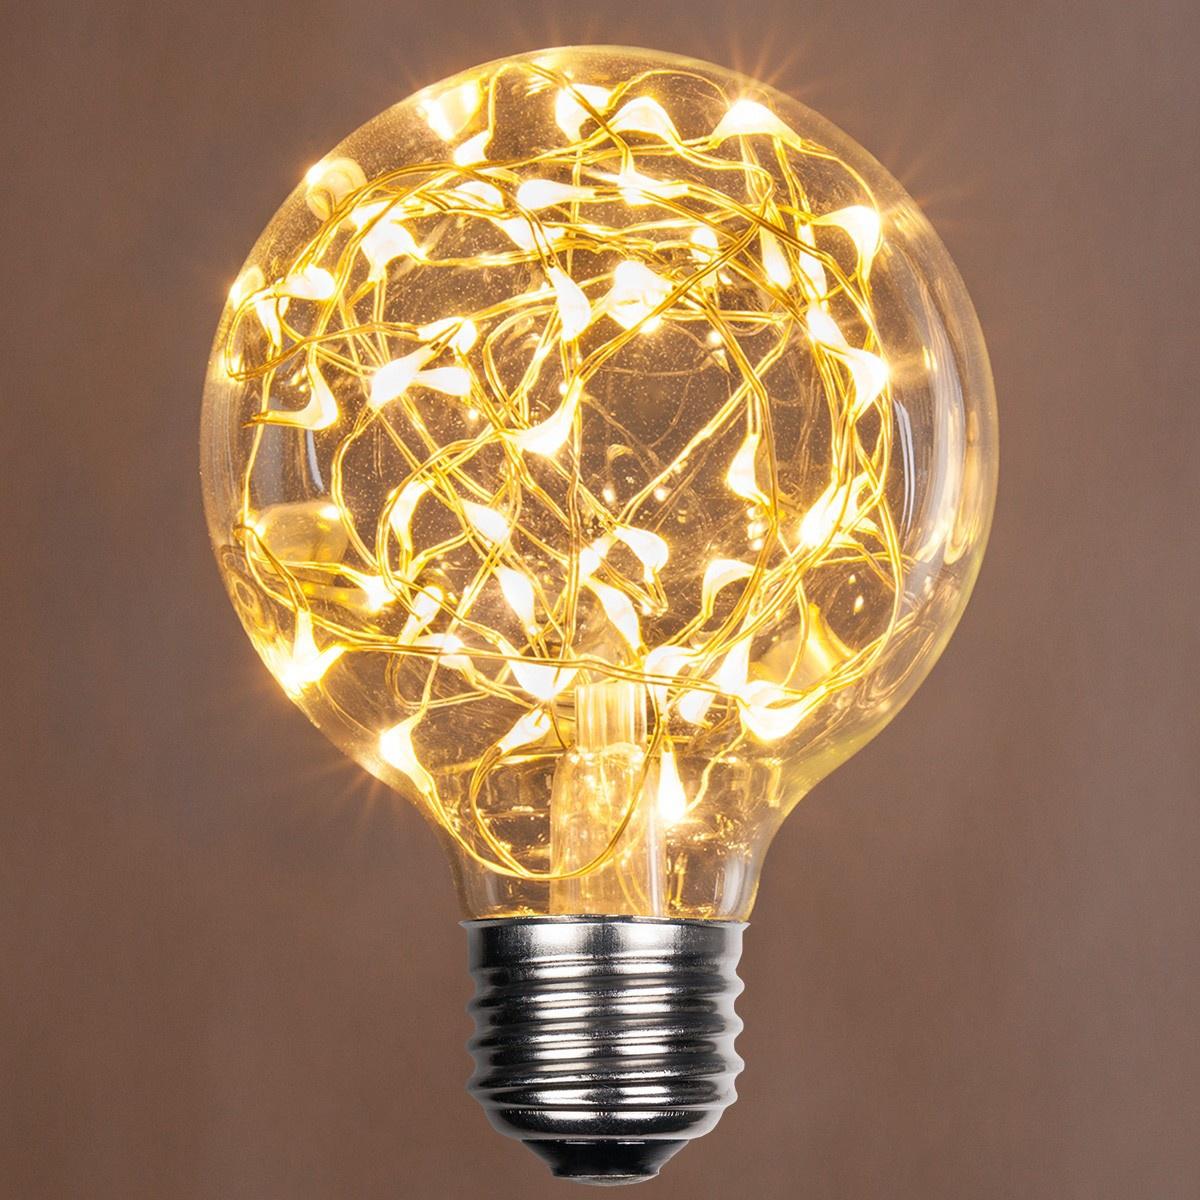 G80 Warm White Ledimagine Tm Fairy Light Bulb